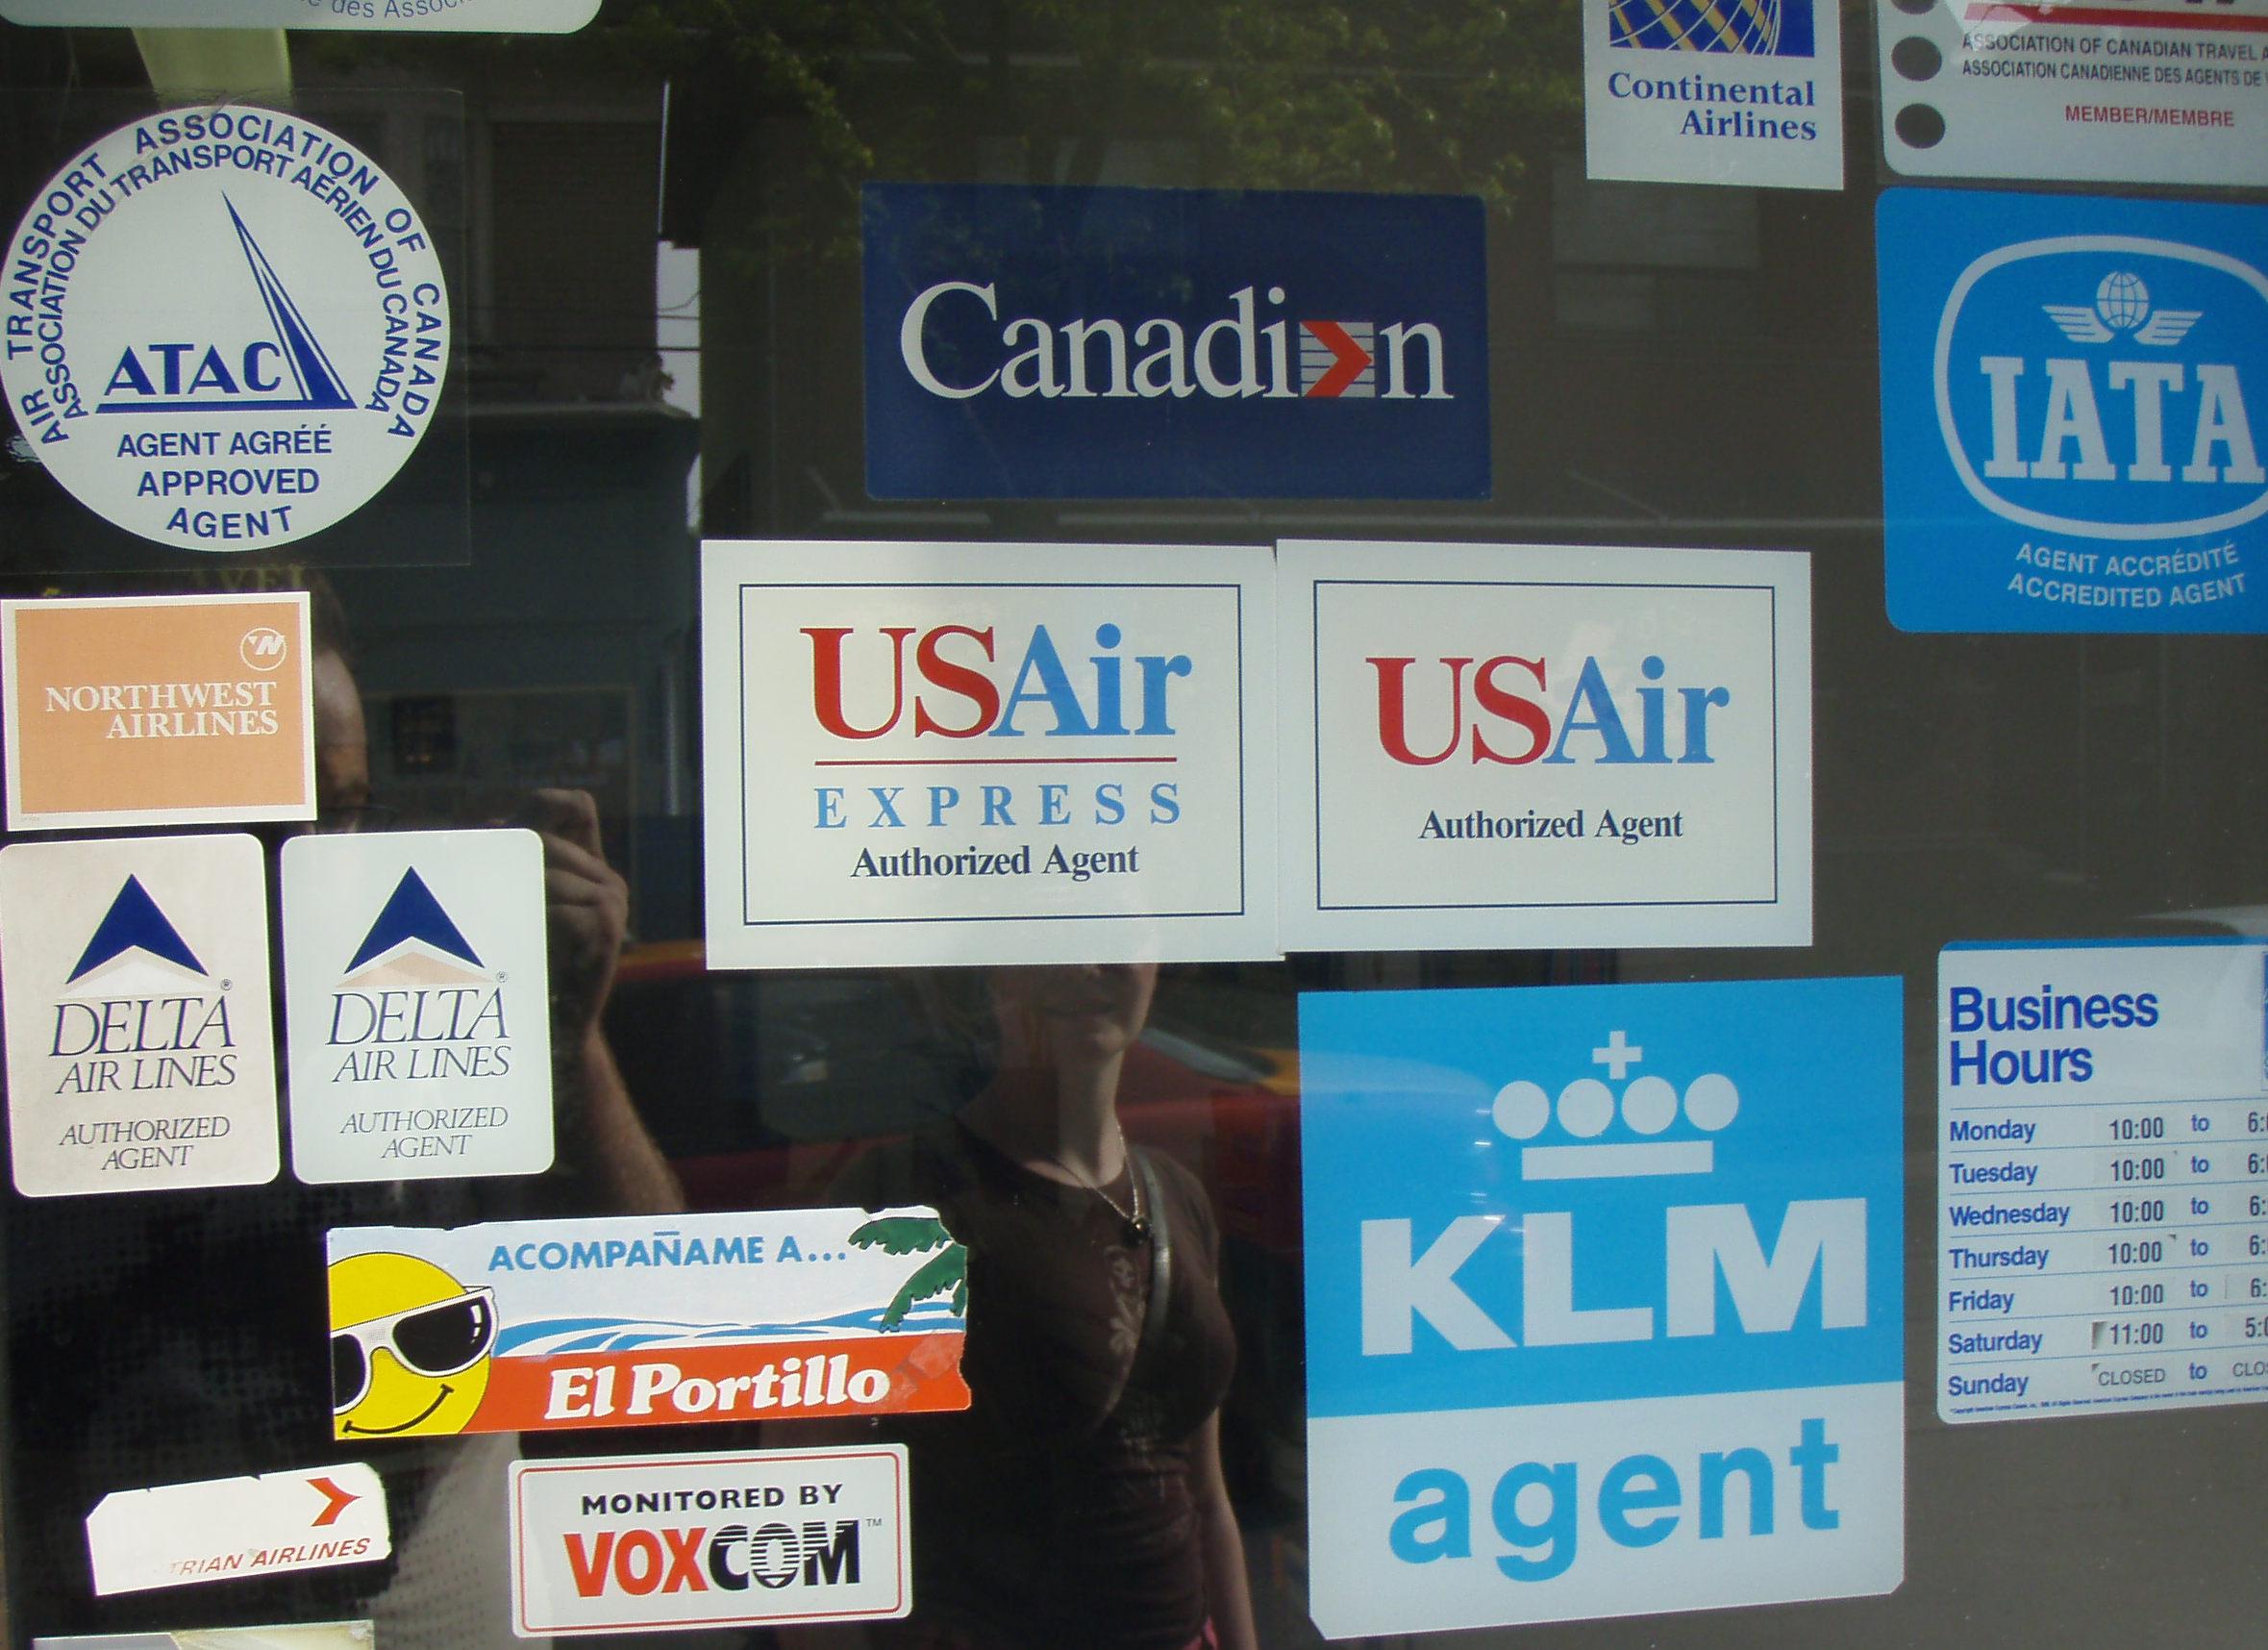 Travel Agent Jobs In Albuquerque Nm